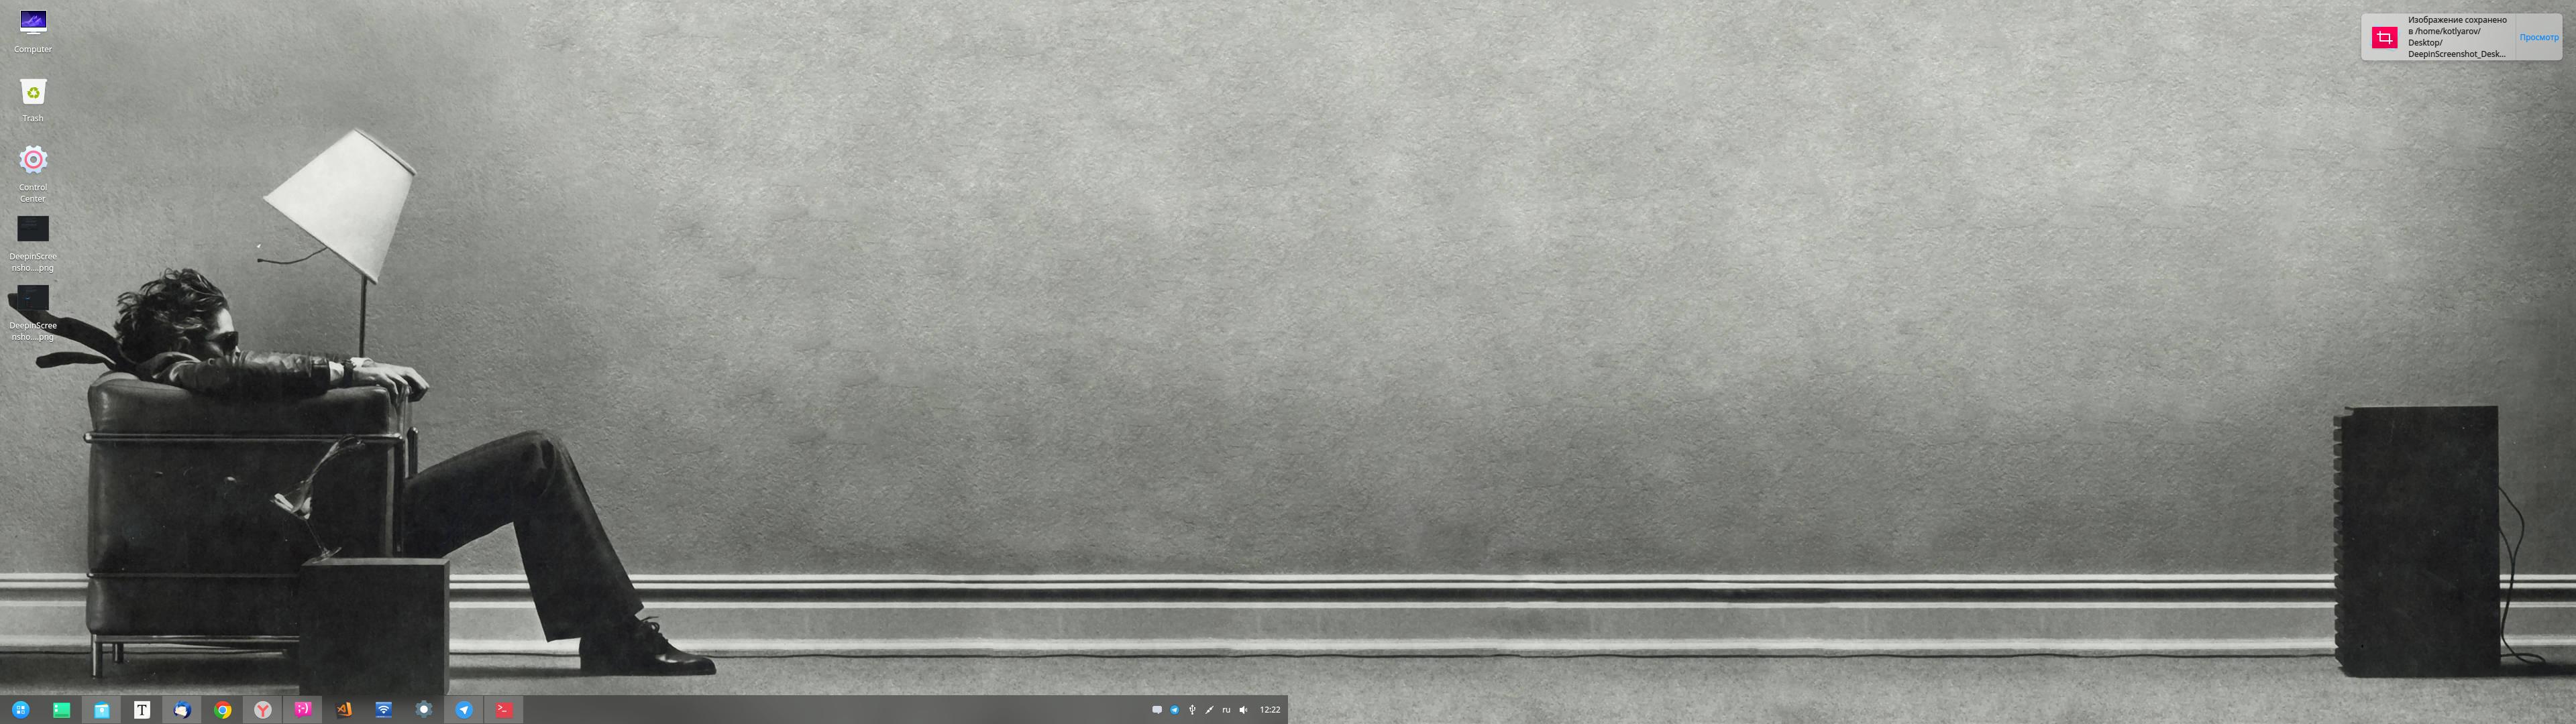 Установка обоев рабочего стола на два монитора | Linux